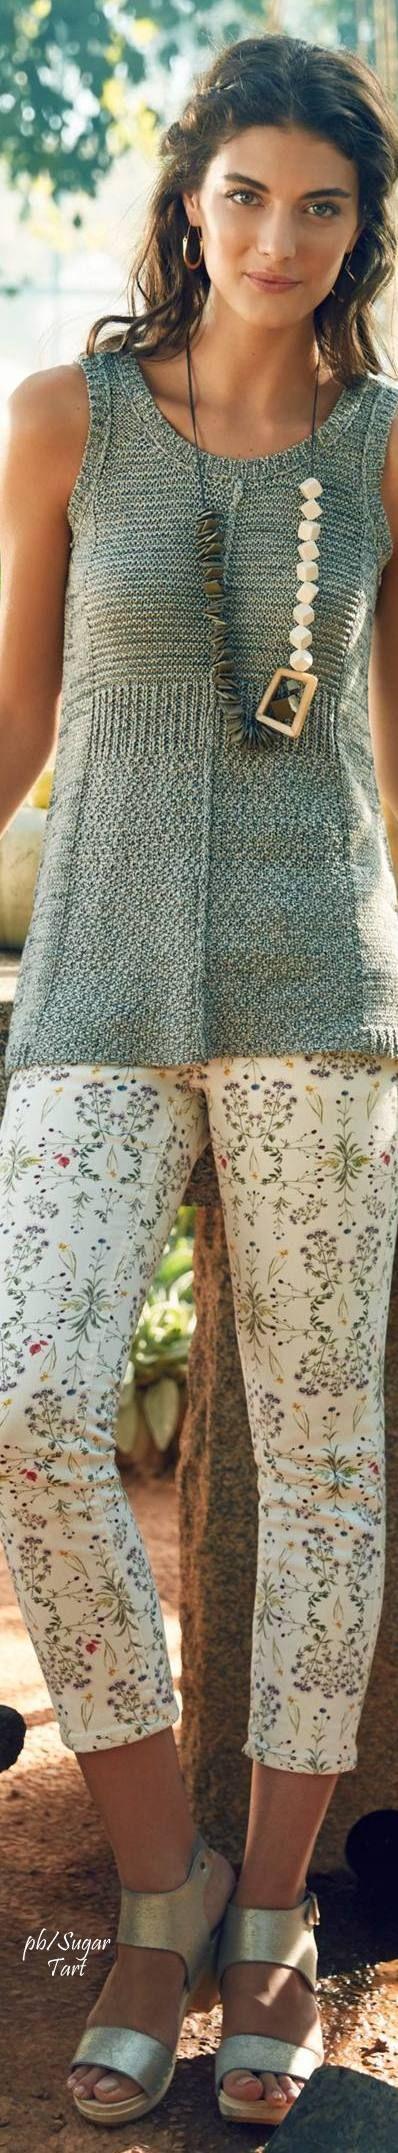 308 best Summer Knitting Patterns images on Pinterest   Knitting ...